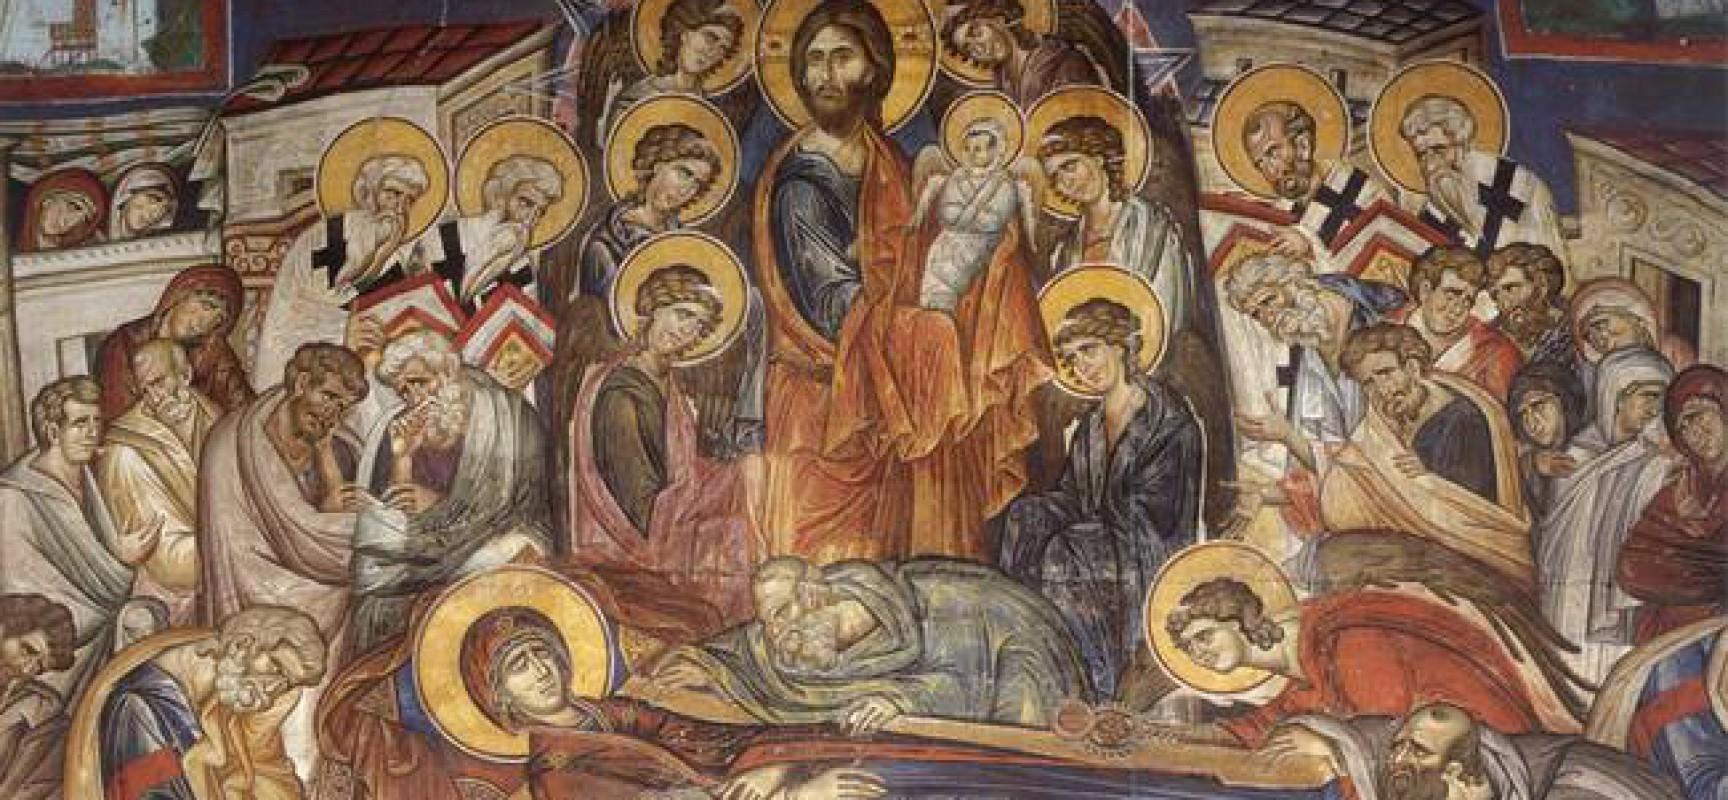 Ο Ι. Ν. Ζωοδόχου Πηγής Ερμητσίου πανηγυρίζει την Κοίμηση της Θεοτόκου